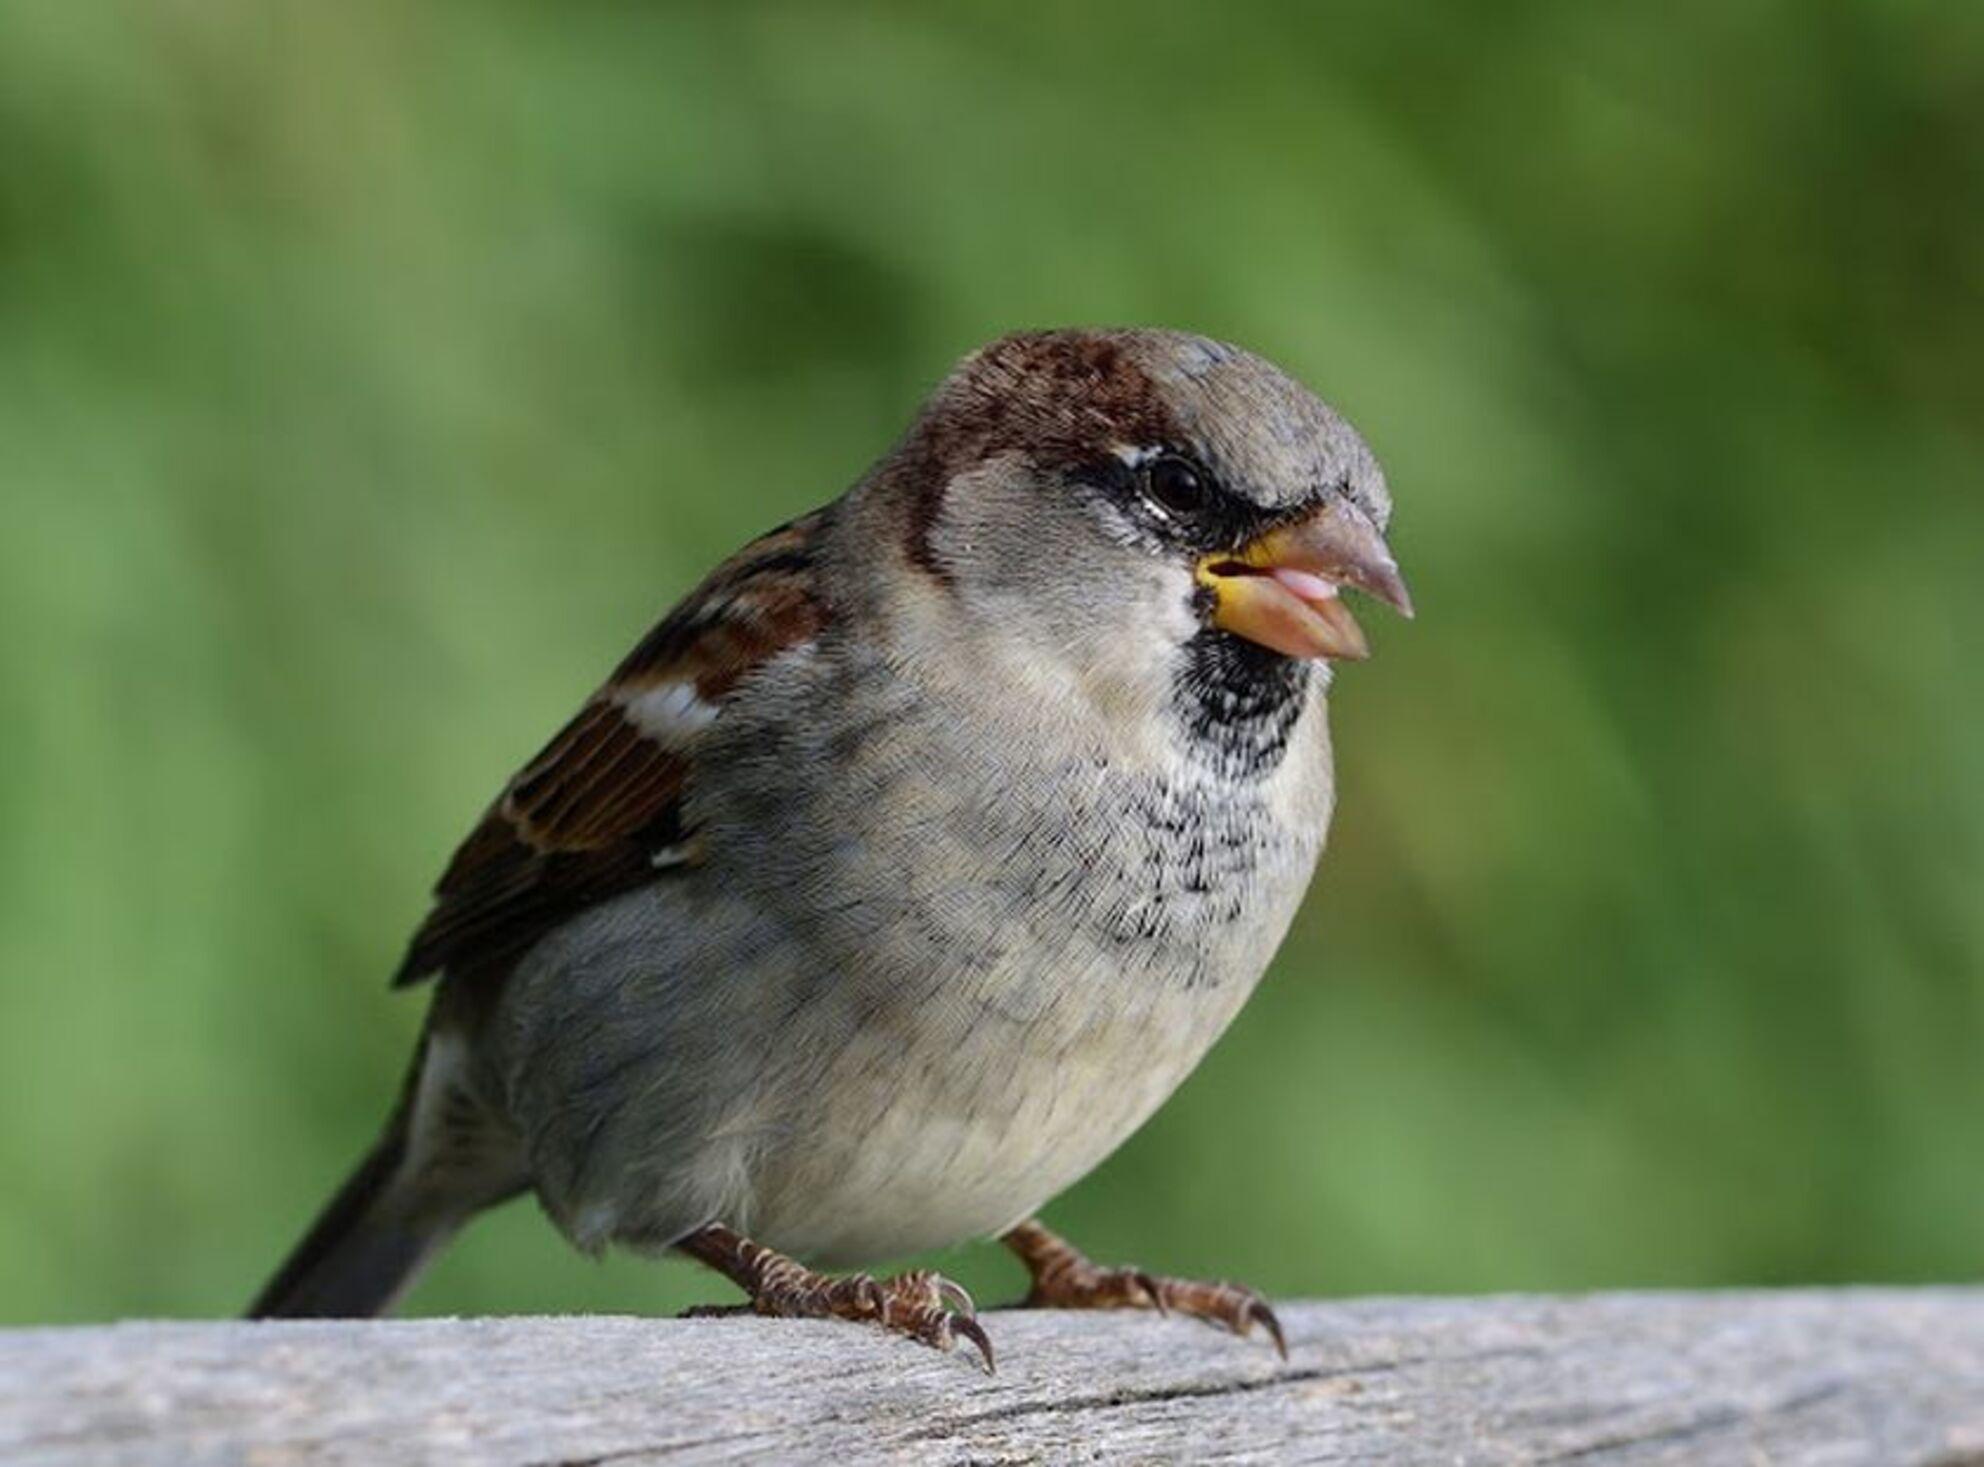 Musje op een hek 2 - Musje op een hek, dit is de 2e opname uit een serie die ik van het vogeltje heb kunnen maken..  Zoomers bedankt voor alle mooie reacties bij mijn  - foto door jzfotografie op 23-04-2017 - deze foto bevat: groen, kleuren, hek, vogels, bruin, klein, park, mus, dieren, nederland, achtergrond, grijs, contrast, snavel, dof, scherpte, bek, heemskerk, assumburg, verenkleed, n-h, close up, oud haerlem